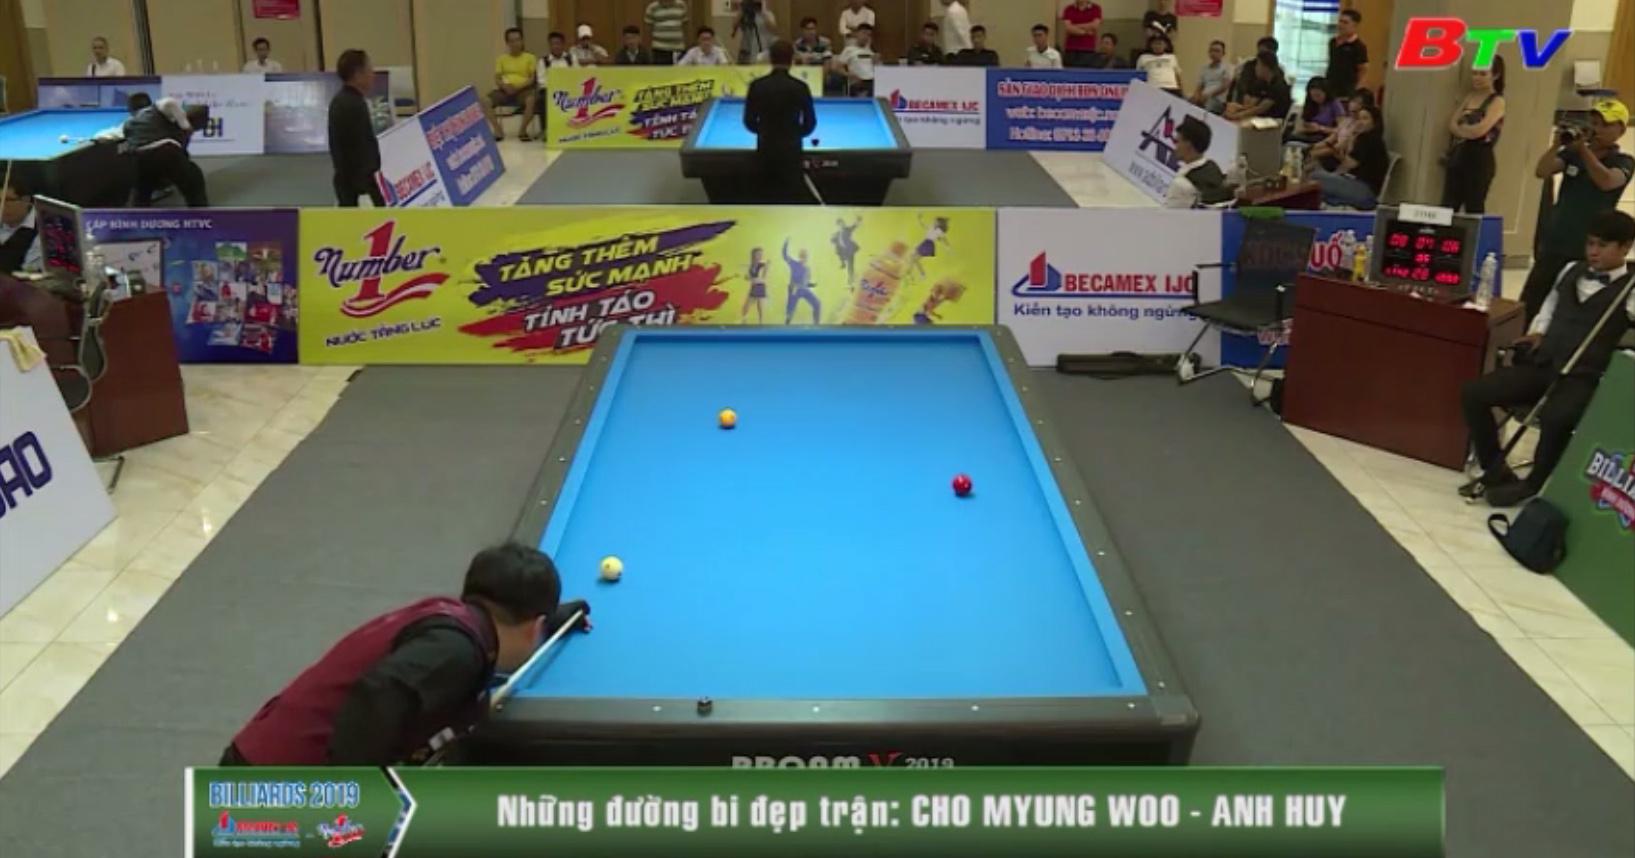 Giải Billiards Carom 3 băng Quốc tế Bình Dương lần VIII năm 2019 - Những đường cơ đẹp trận Cho Myung Woo - Anh Huy